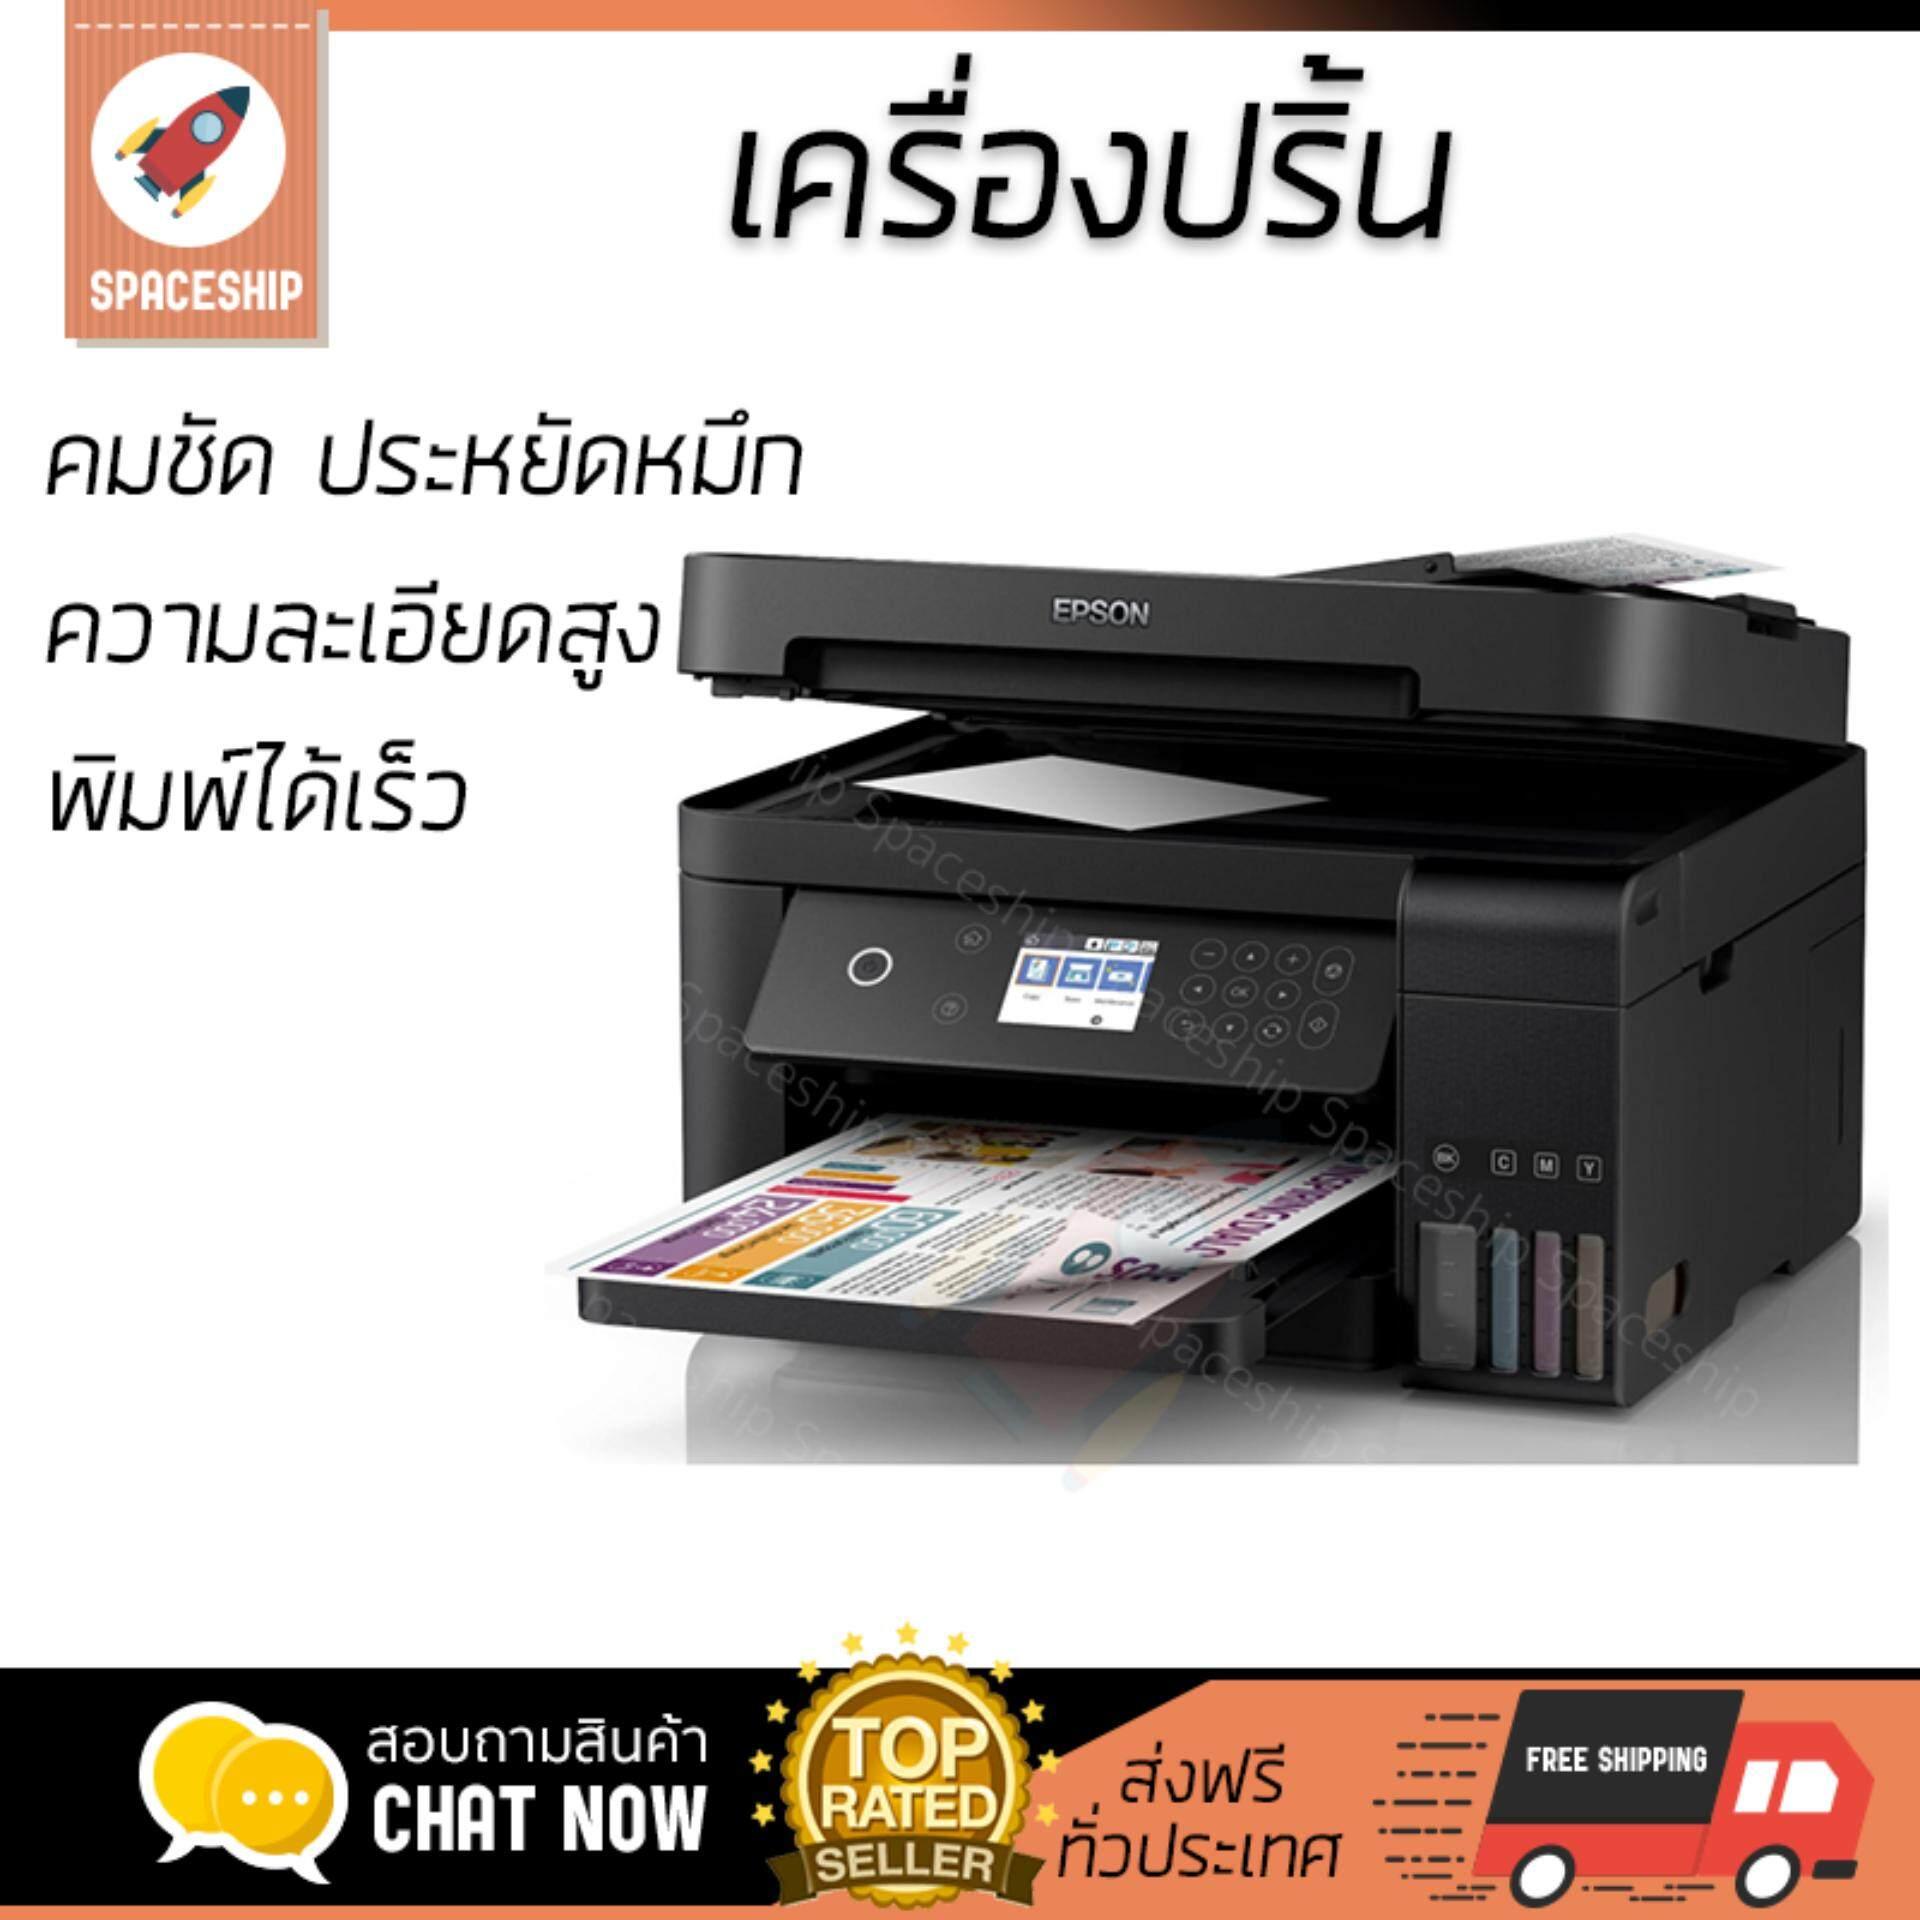 ลดสุดๆ โปรโมชัน เครื่องพิมพ์           EPSON มัลติฟังก์ชั่นปริ้นเตอร์ รุ่น L6170             ความละเอียดสูง คมชัด ประหยัดหมึก เครื่องปริ้น เครื่องปริ้นท์ All in one Printer รับประกันสินค้า 1 ปี จัดส่ง